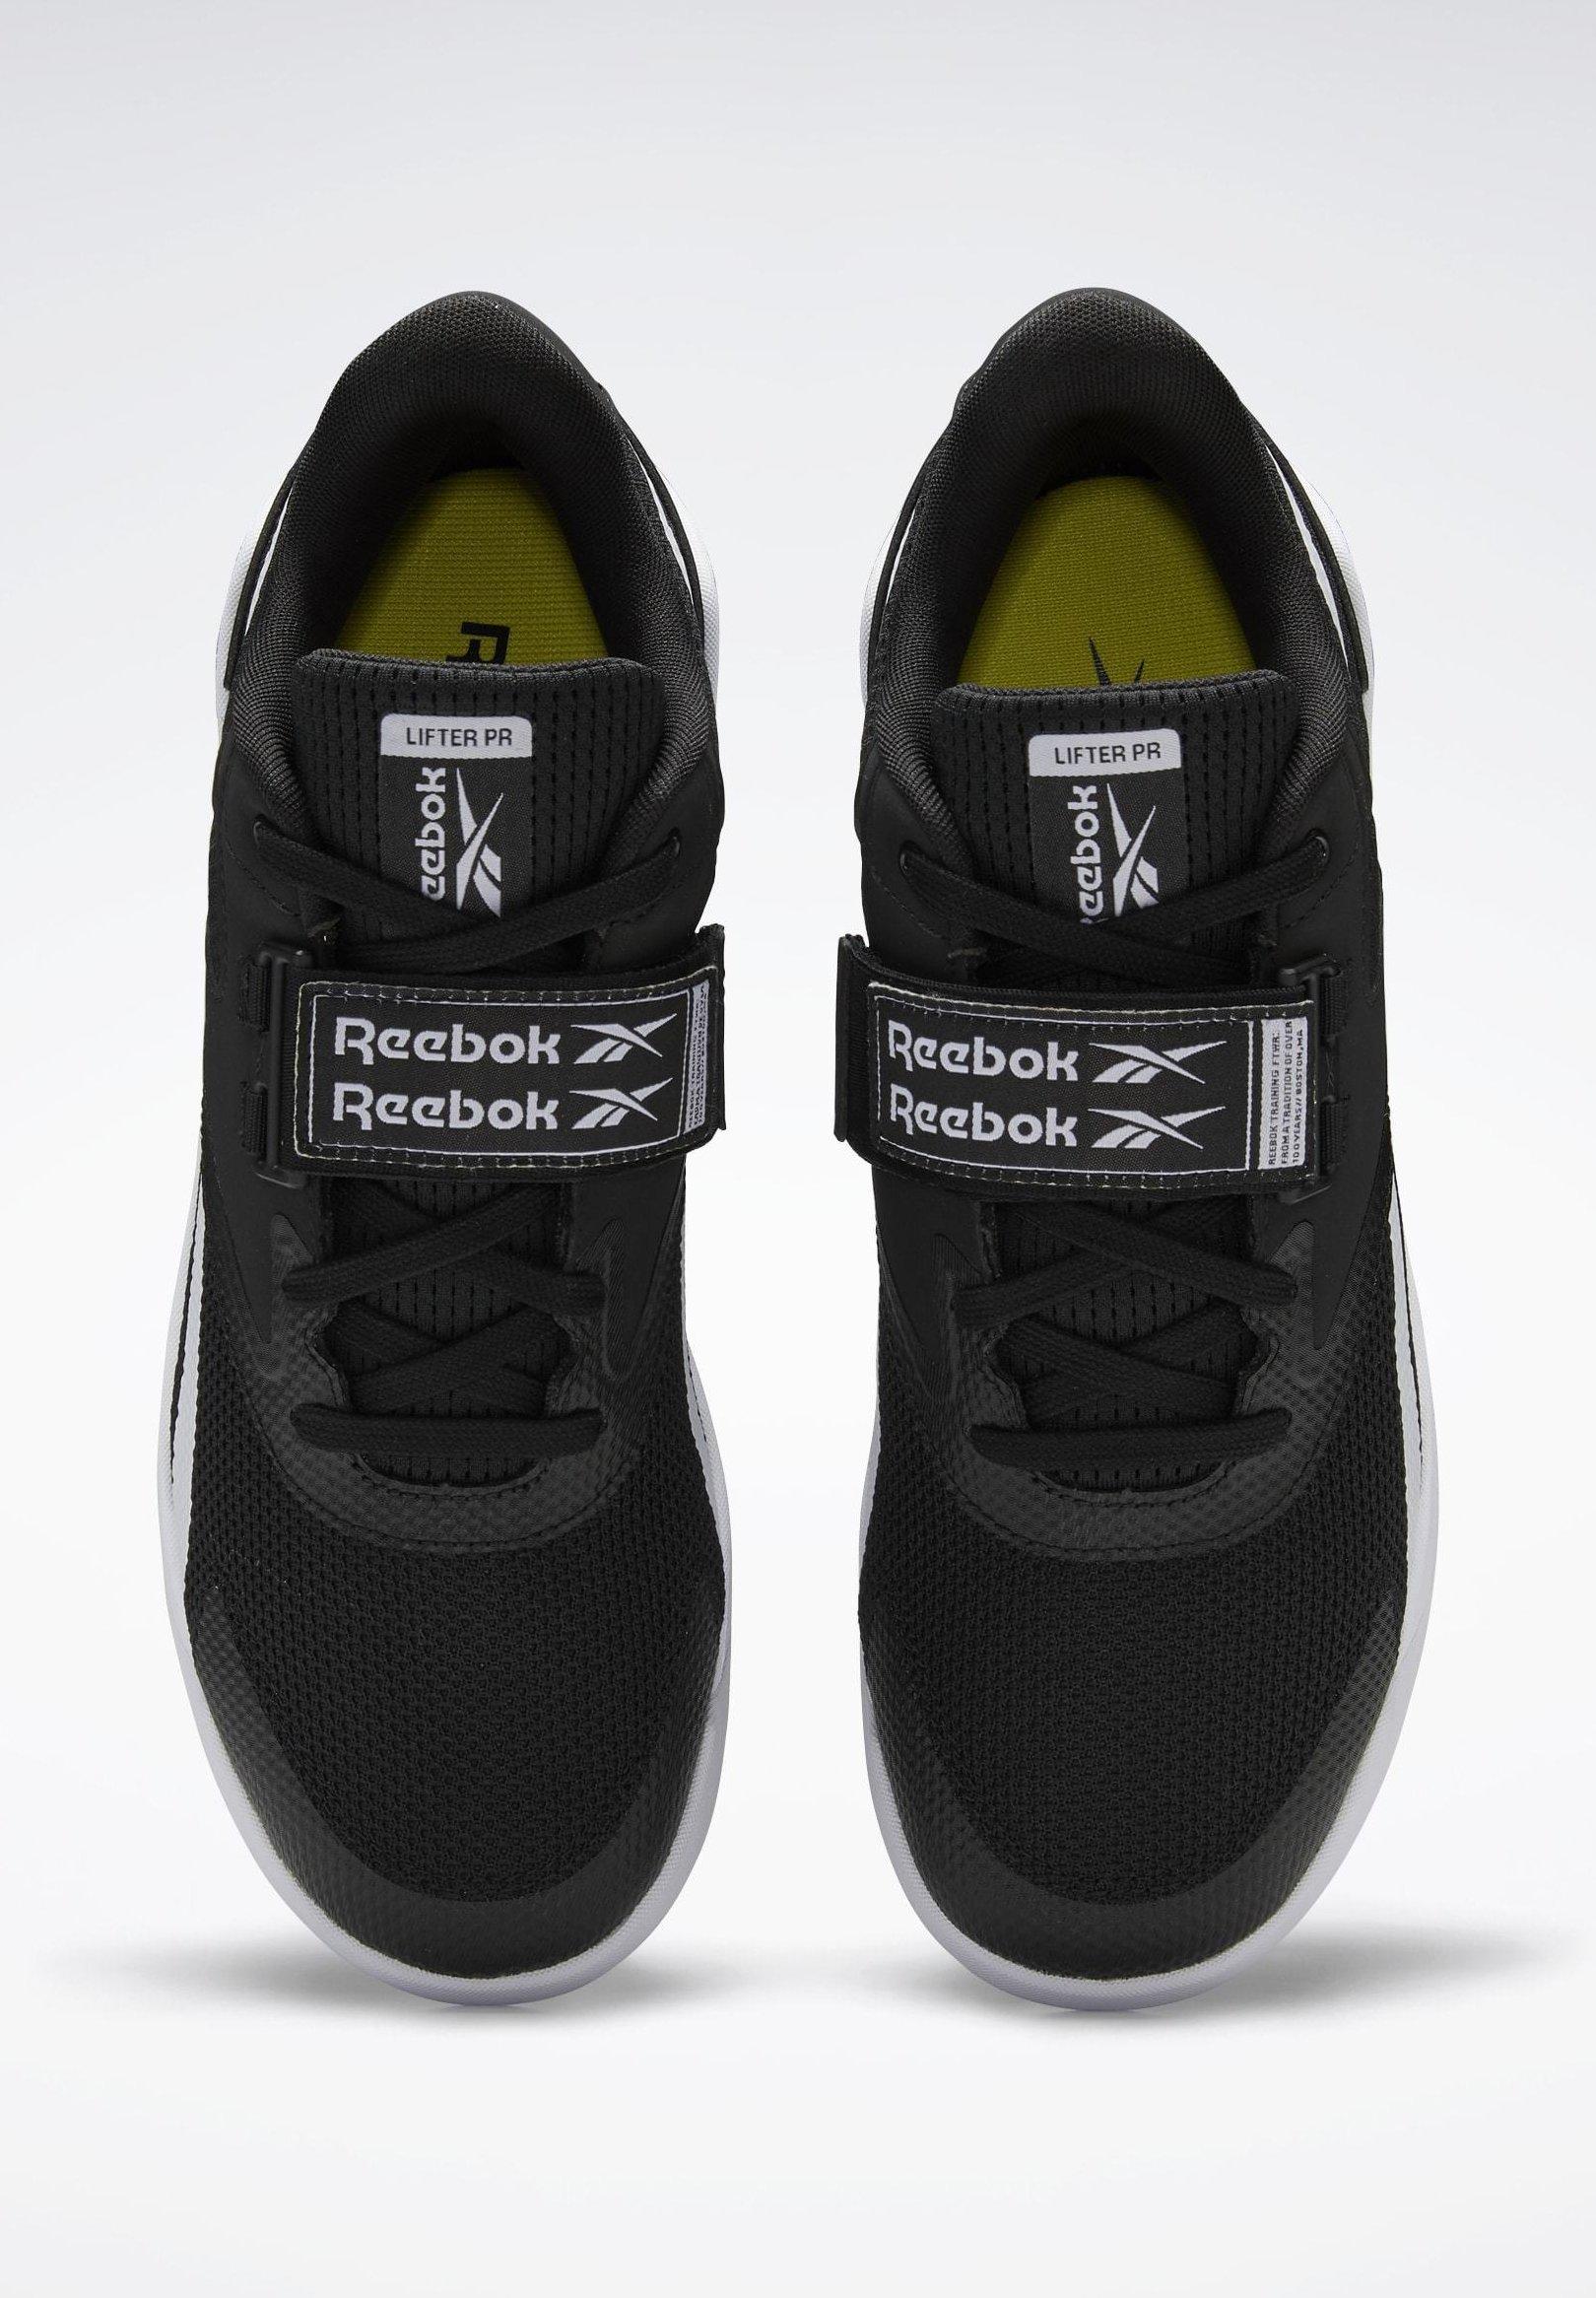 Adidas Powerlift 4 Vs Reebok Lifter Pr Release Date Herren